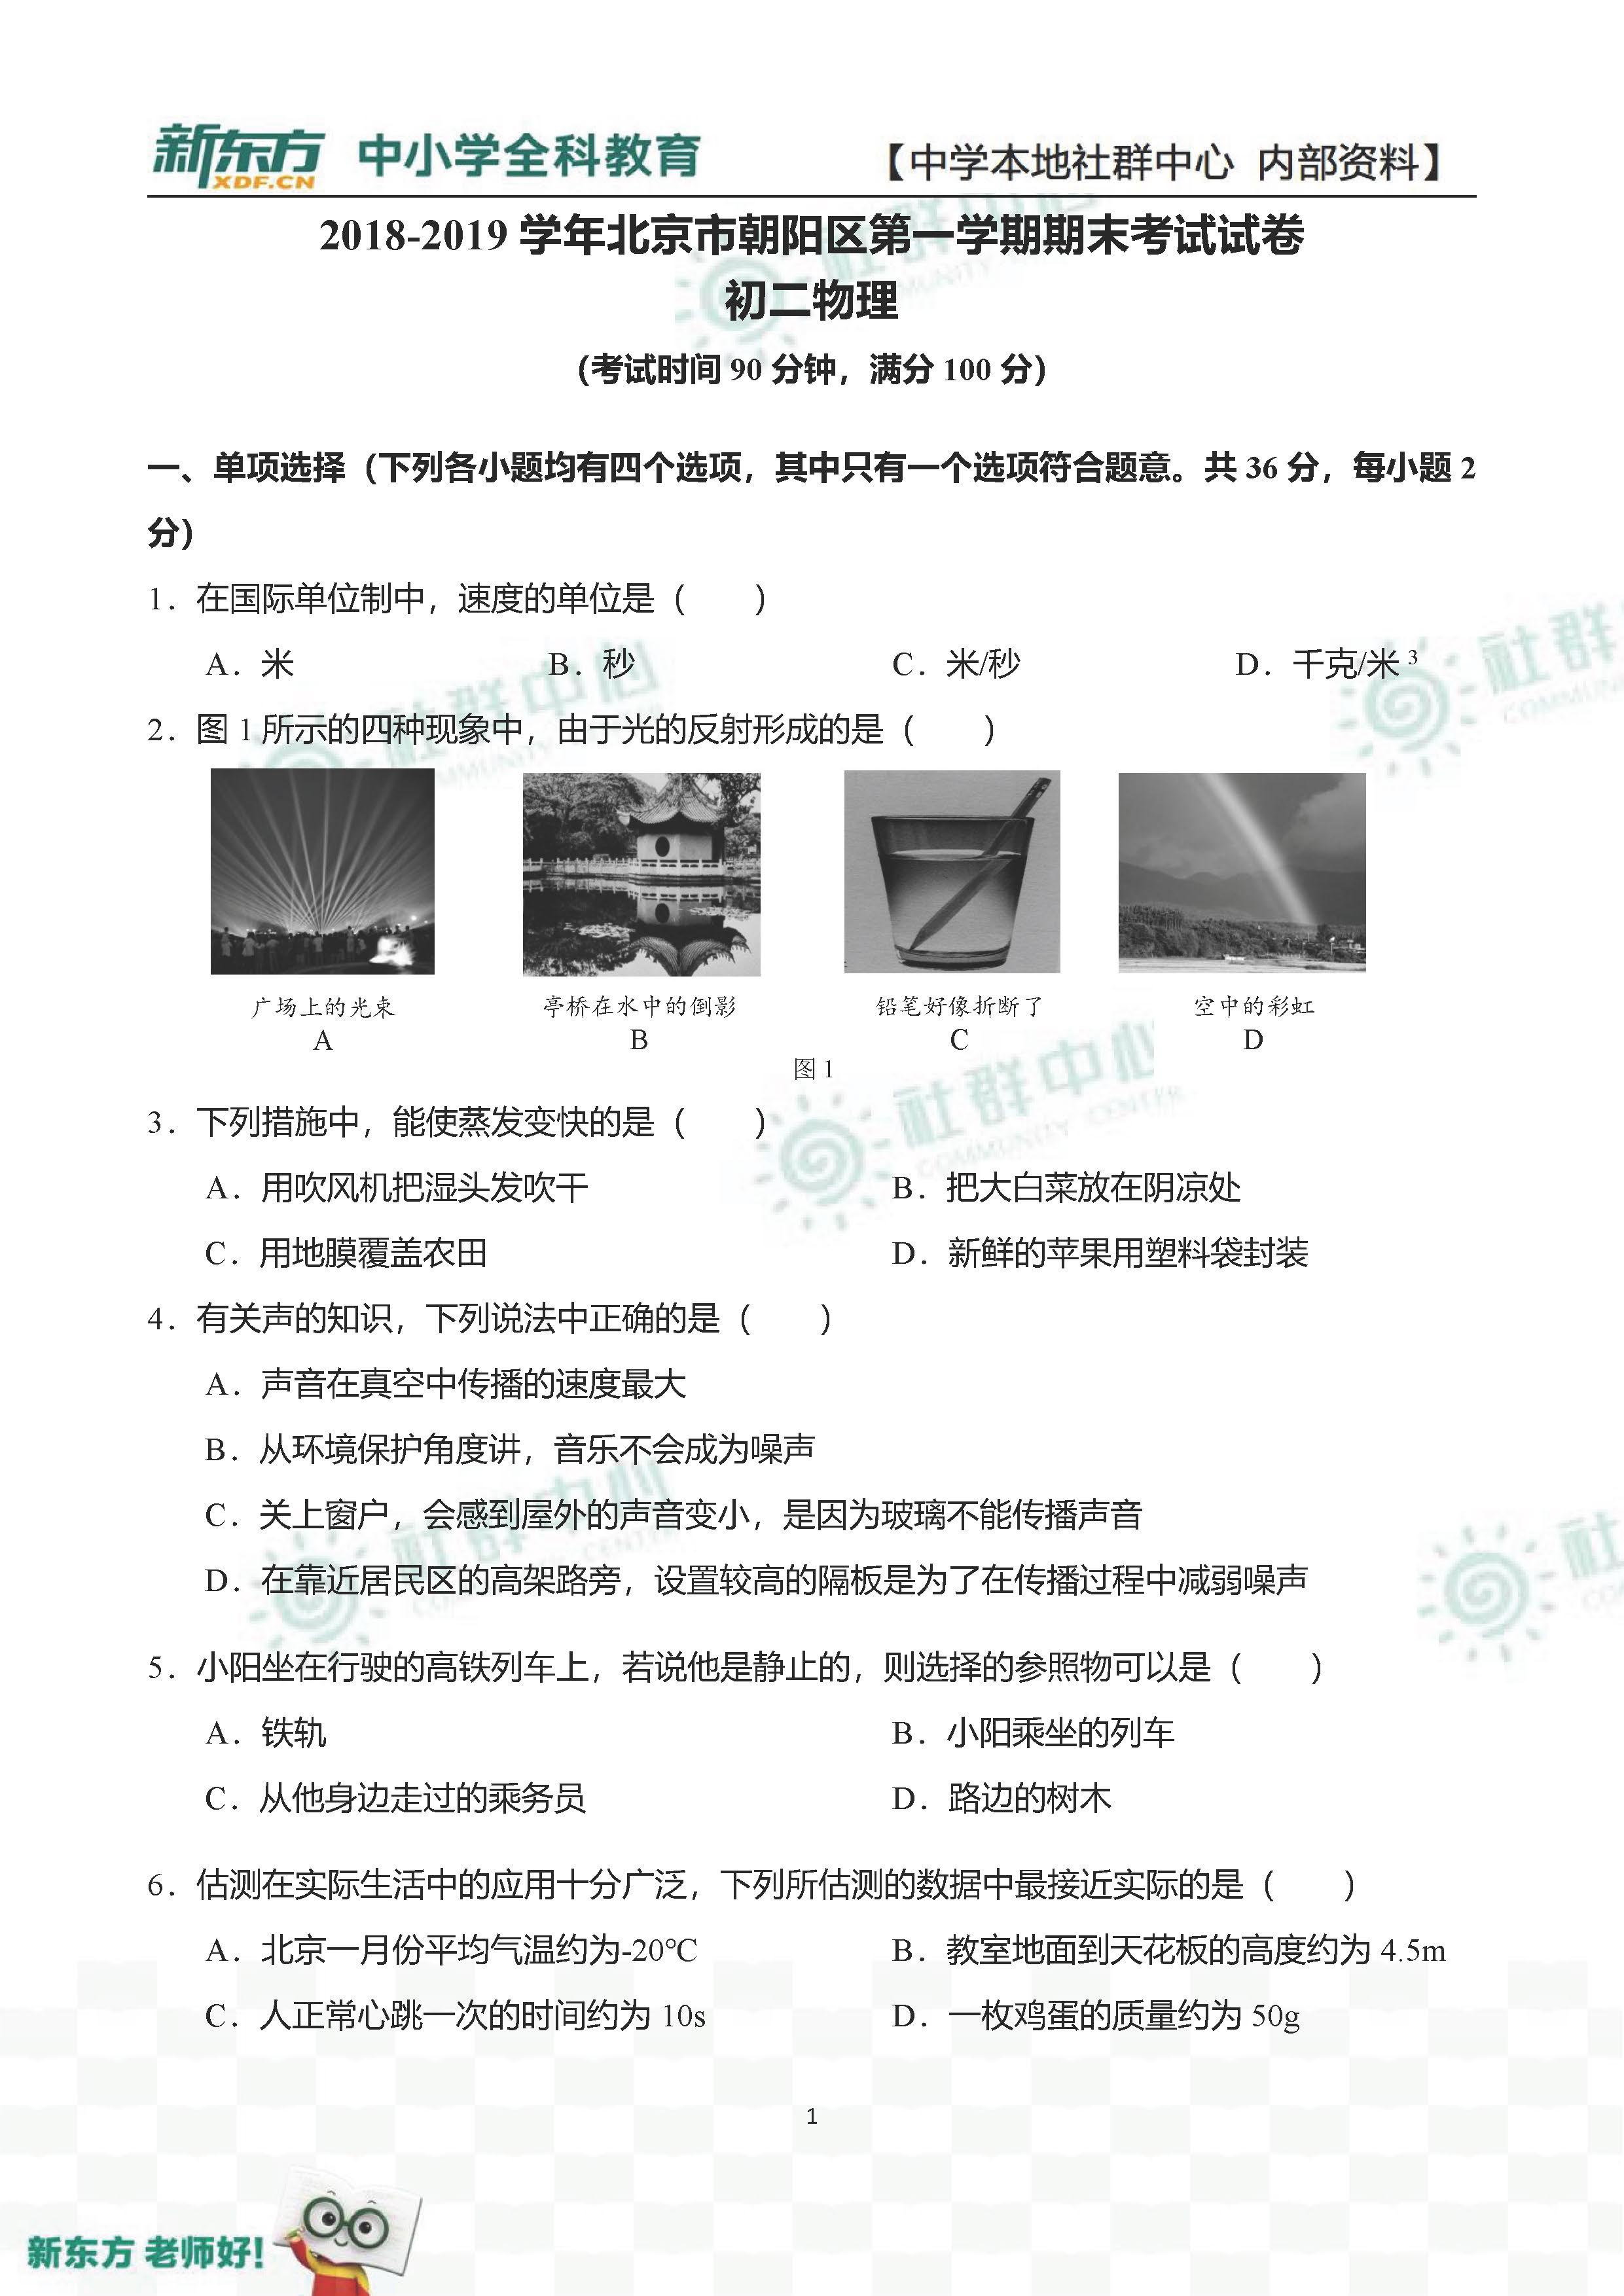 2019-2020北京朝阳区八年级上期末物理试题及答案(北京新东方版)